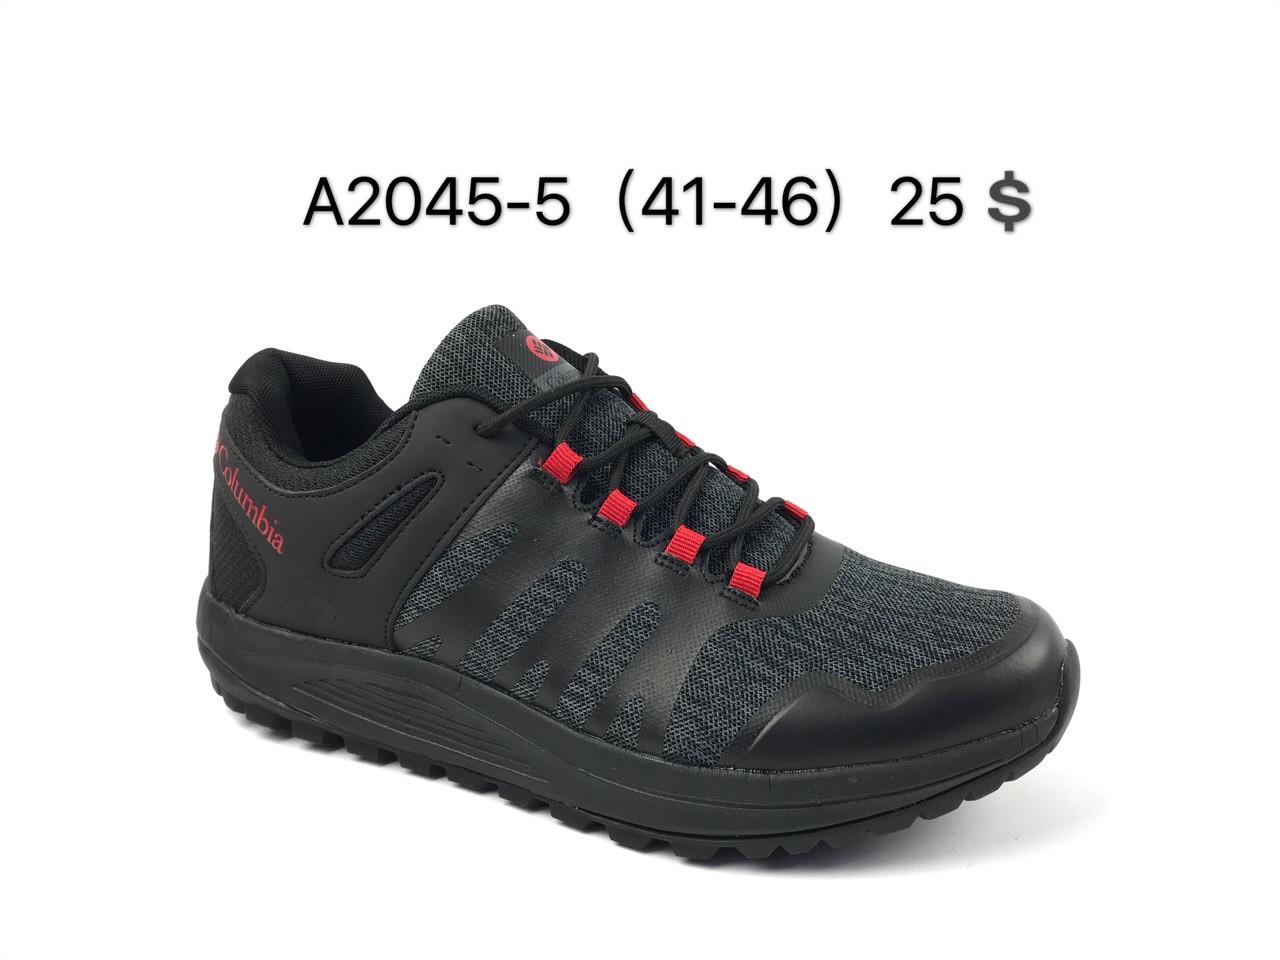 Чоловічі кросівки Columbia оптом (41-46)